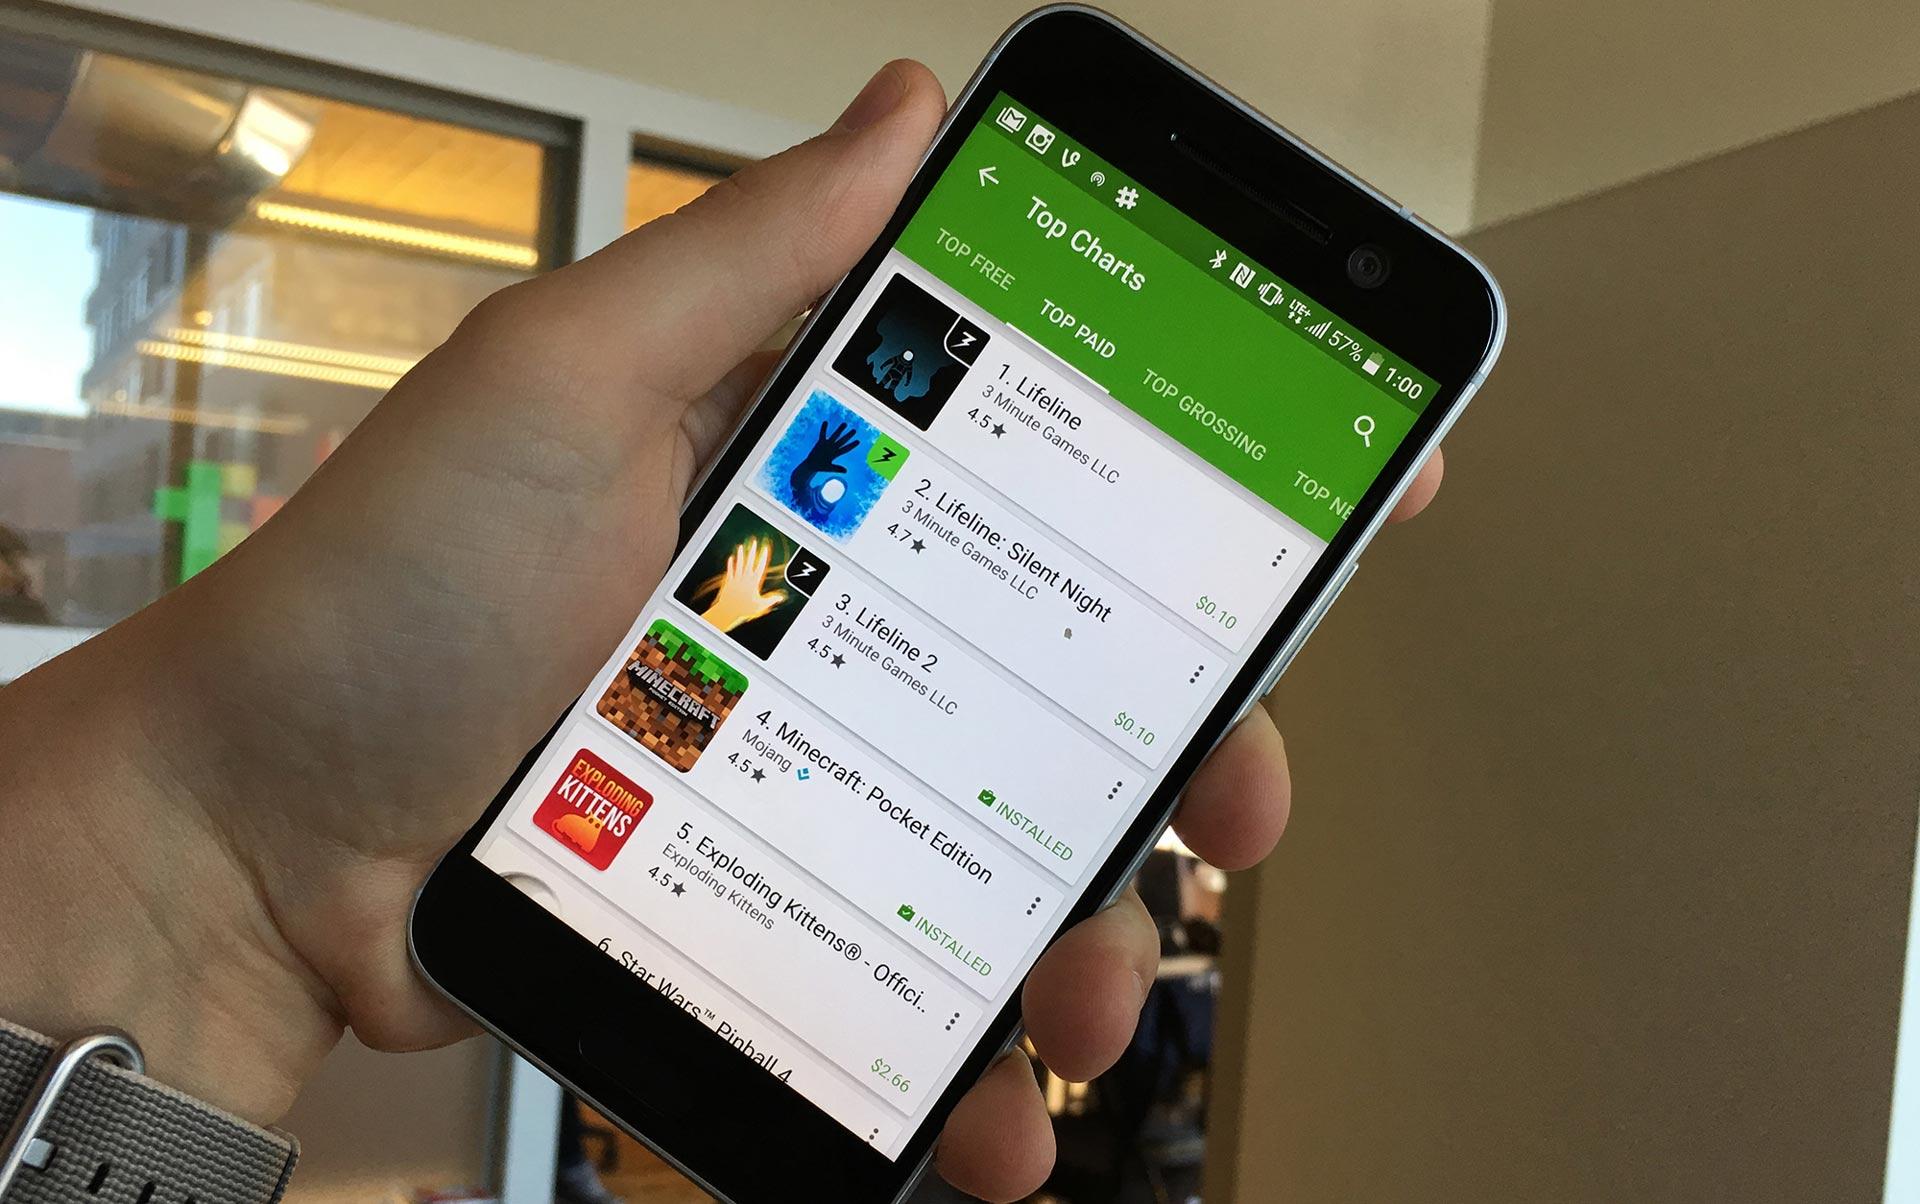 Como Descargar Apps Y Juegos De Pago Gratis Android Escape Digital